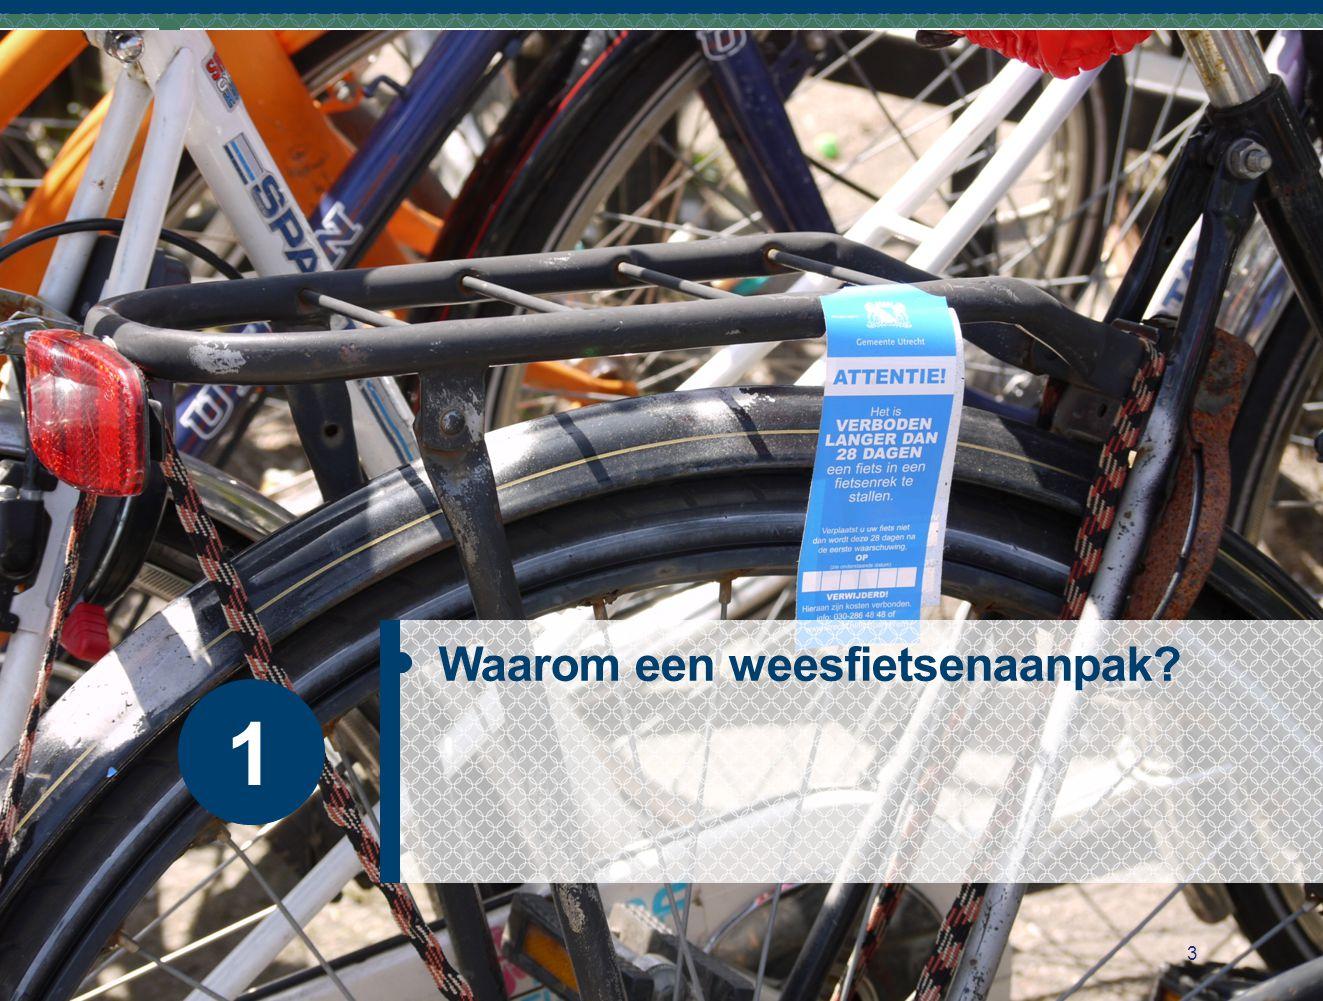 Handhaving richt zich op fietswrakken, fout gestalde fietsen én steeds vaker ook op weesfietsen Gebruiksklare fietsen die in de openbare ruimte gestald zijn, maar al langere tijd niet meer gebruikt zijn 10-20% van de gestalde fietsen zijn weesfietsen Verwijderen van weesfietsen moet in de APV geregeld zijn 4 Waarom een weesfietsenaanpak?